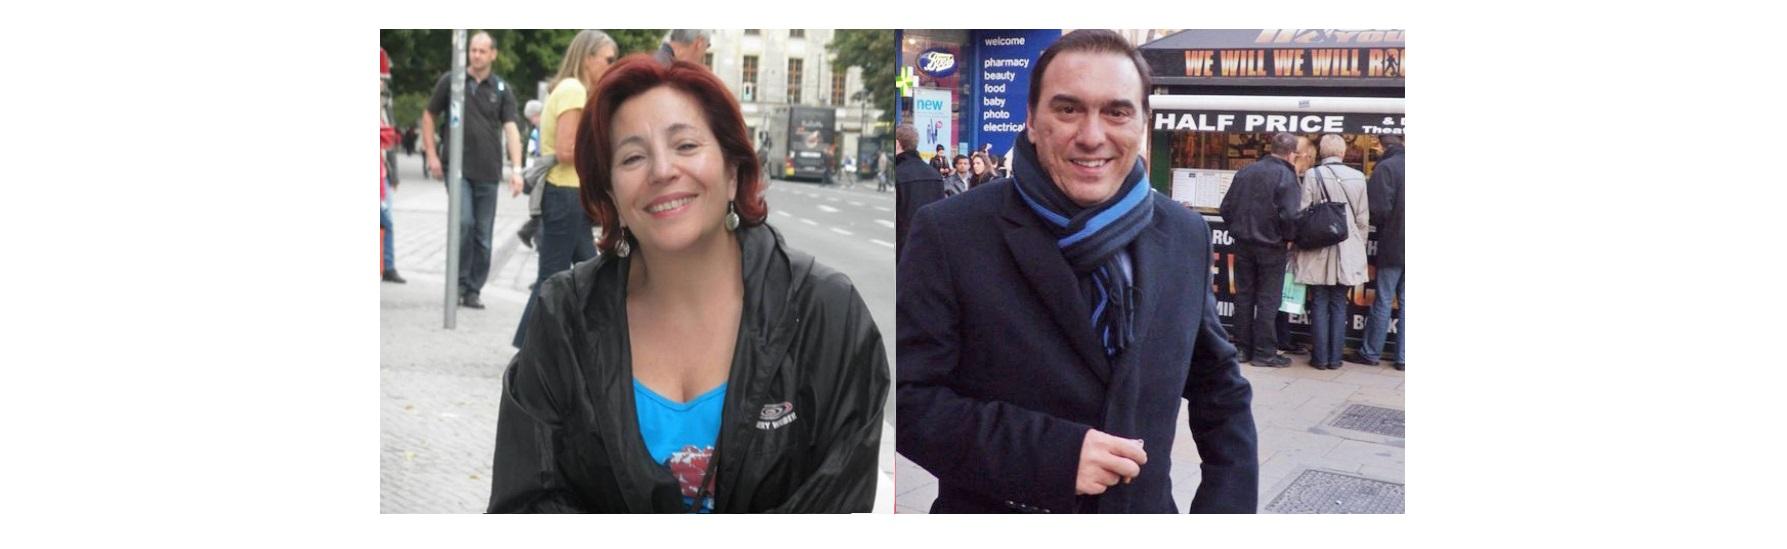 Παλιοί αιρετοί στηρίζουν Άννα Παραγυιού για δήμαρχο Καισαριανής